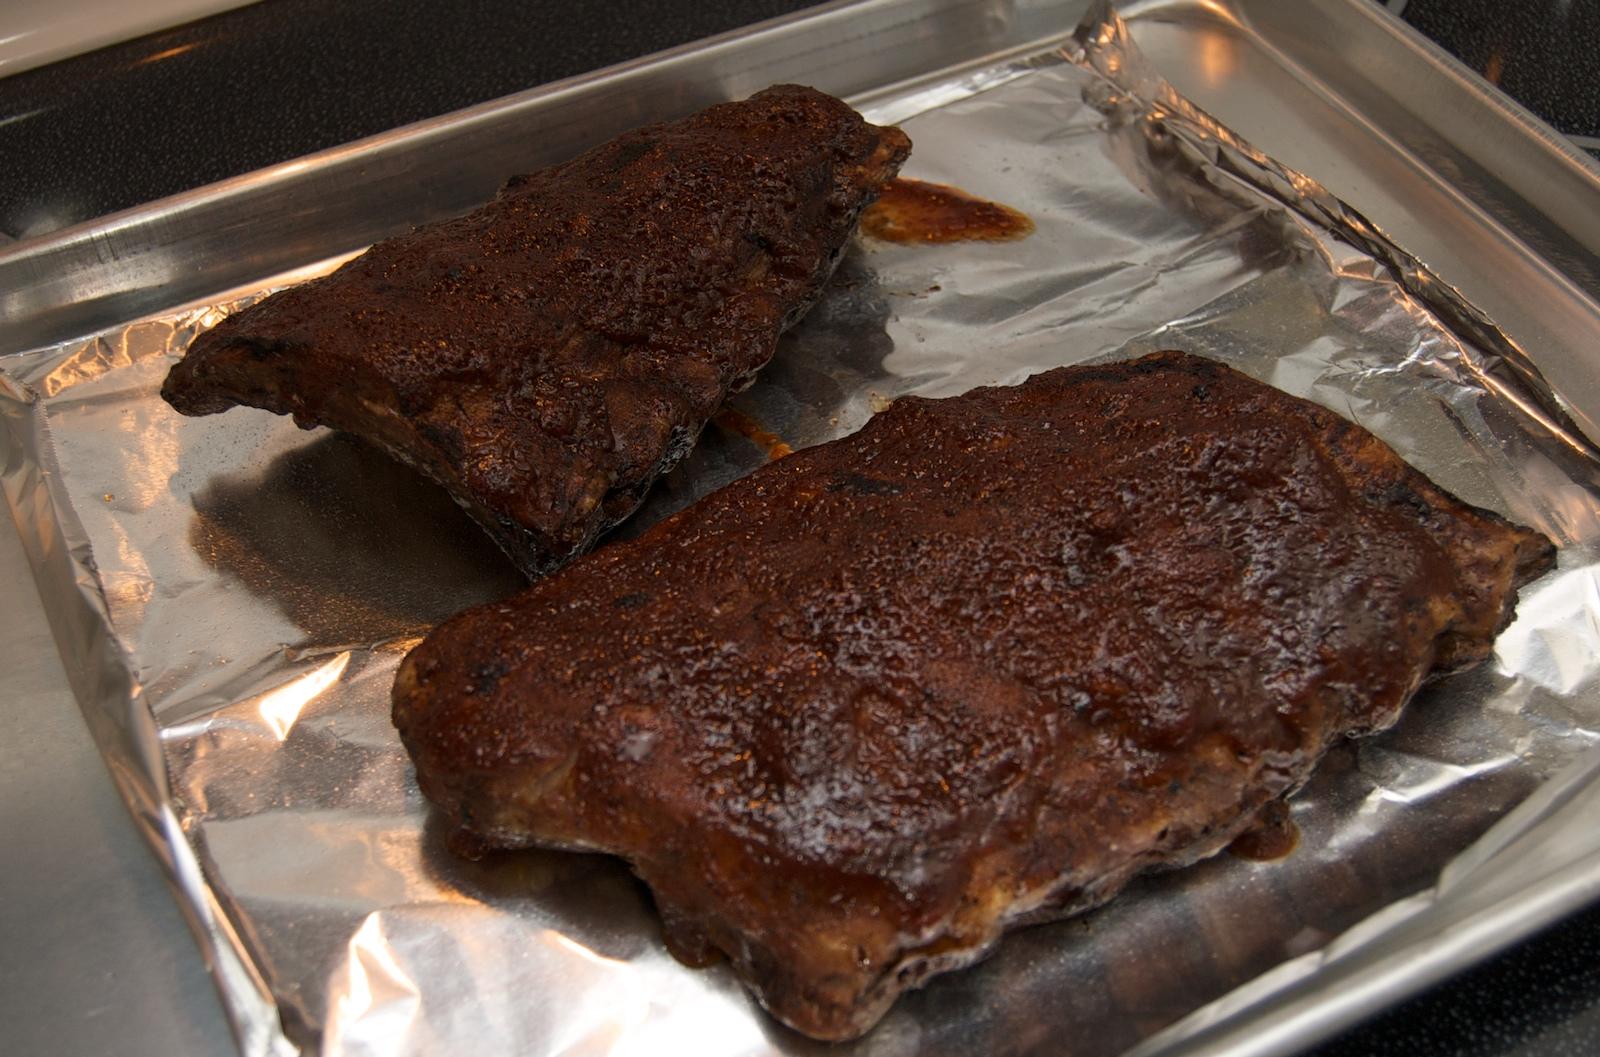 http://blog.rickk.com/food/2010/03/25/ribs4.jpg